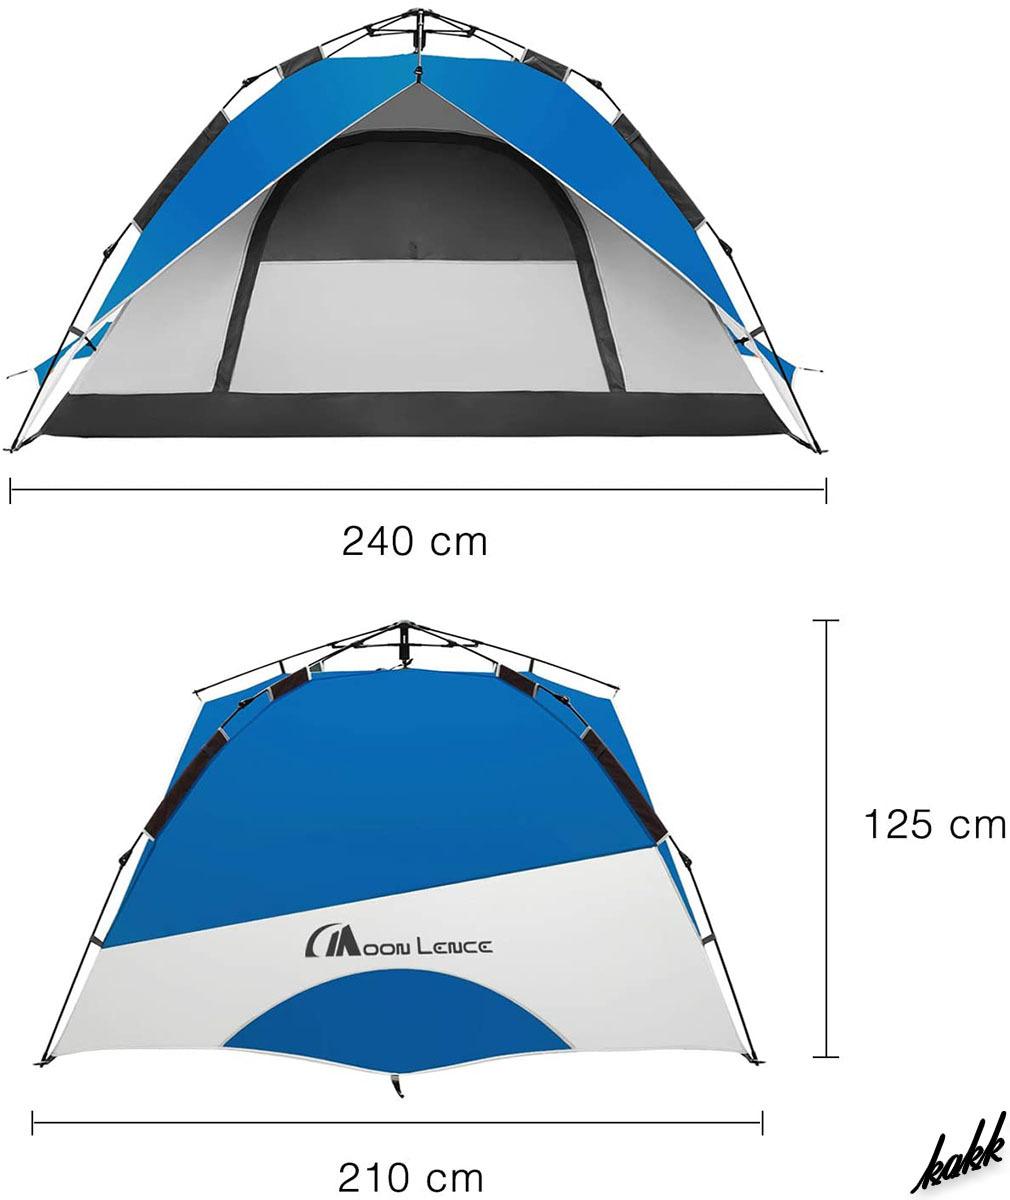 【誰でも簡単に設営できる】 ワンタッチテント 3-4人用 耐水圧2000mm 二重構造 キャンプ 軽量 コンパクト アウトドア レジャー ブルー